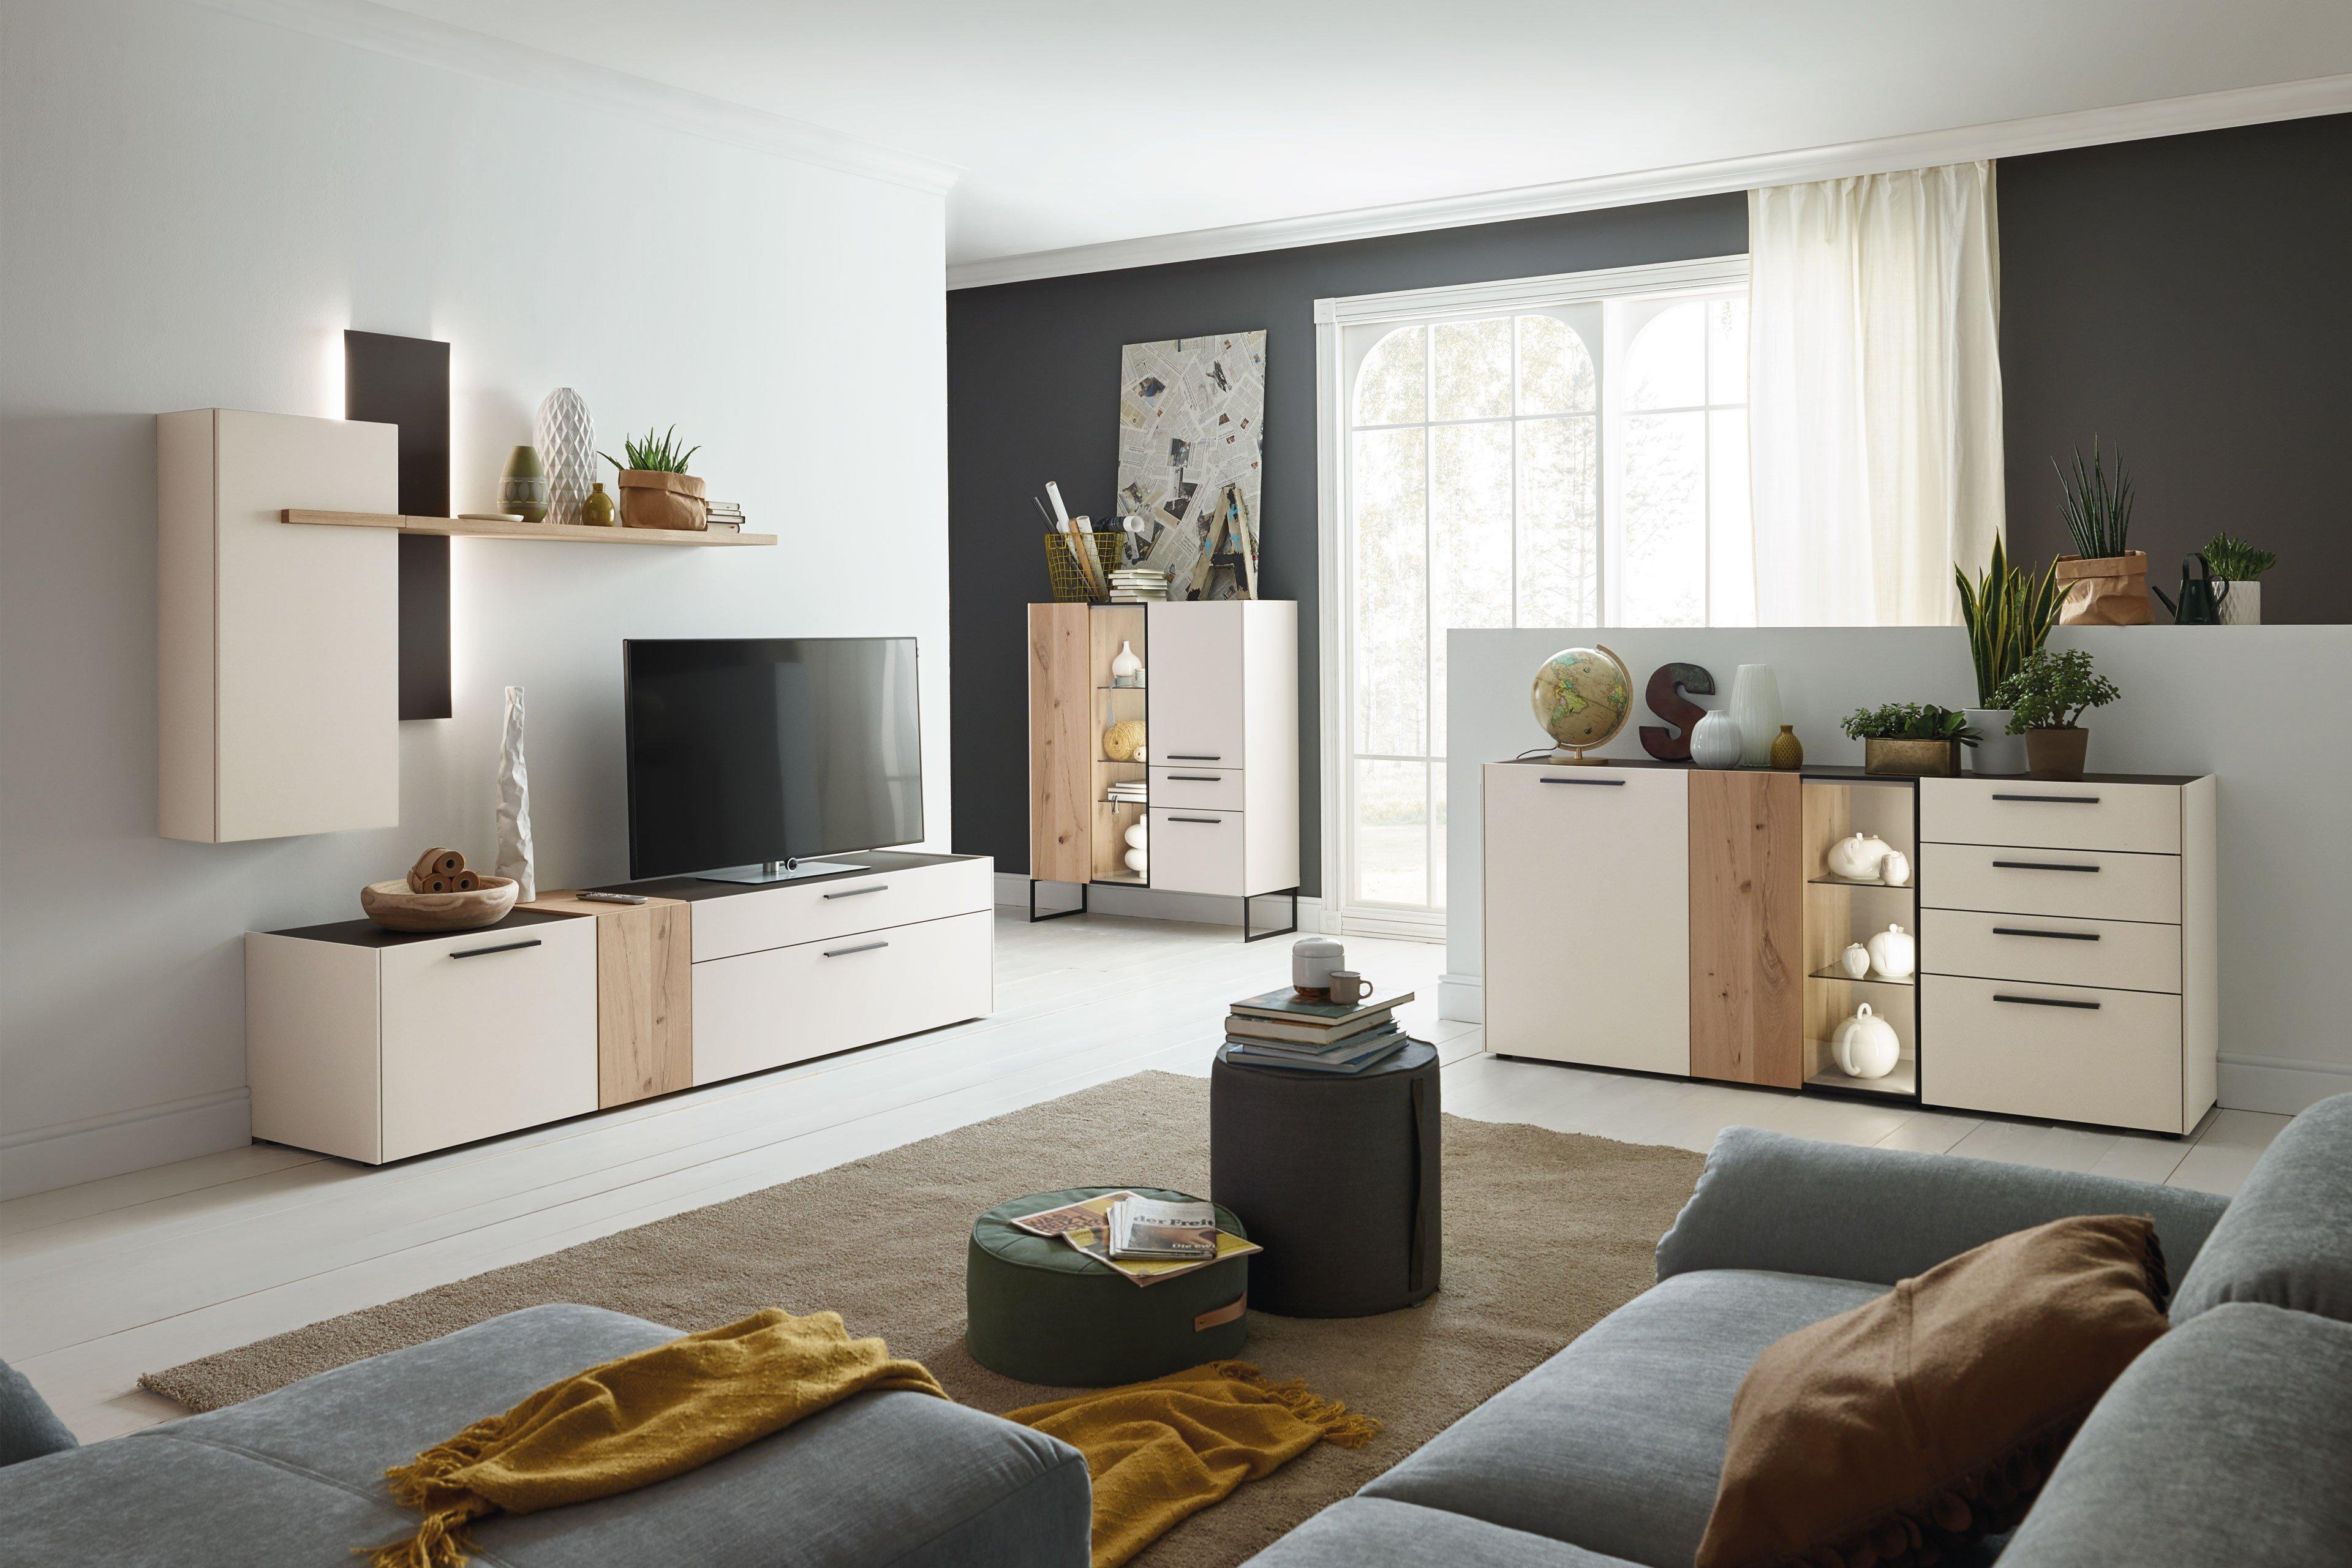 Möbel Block Schlafzimmer: Ideen